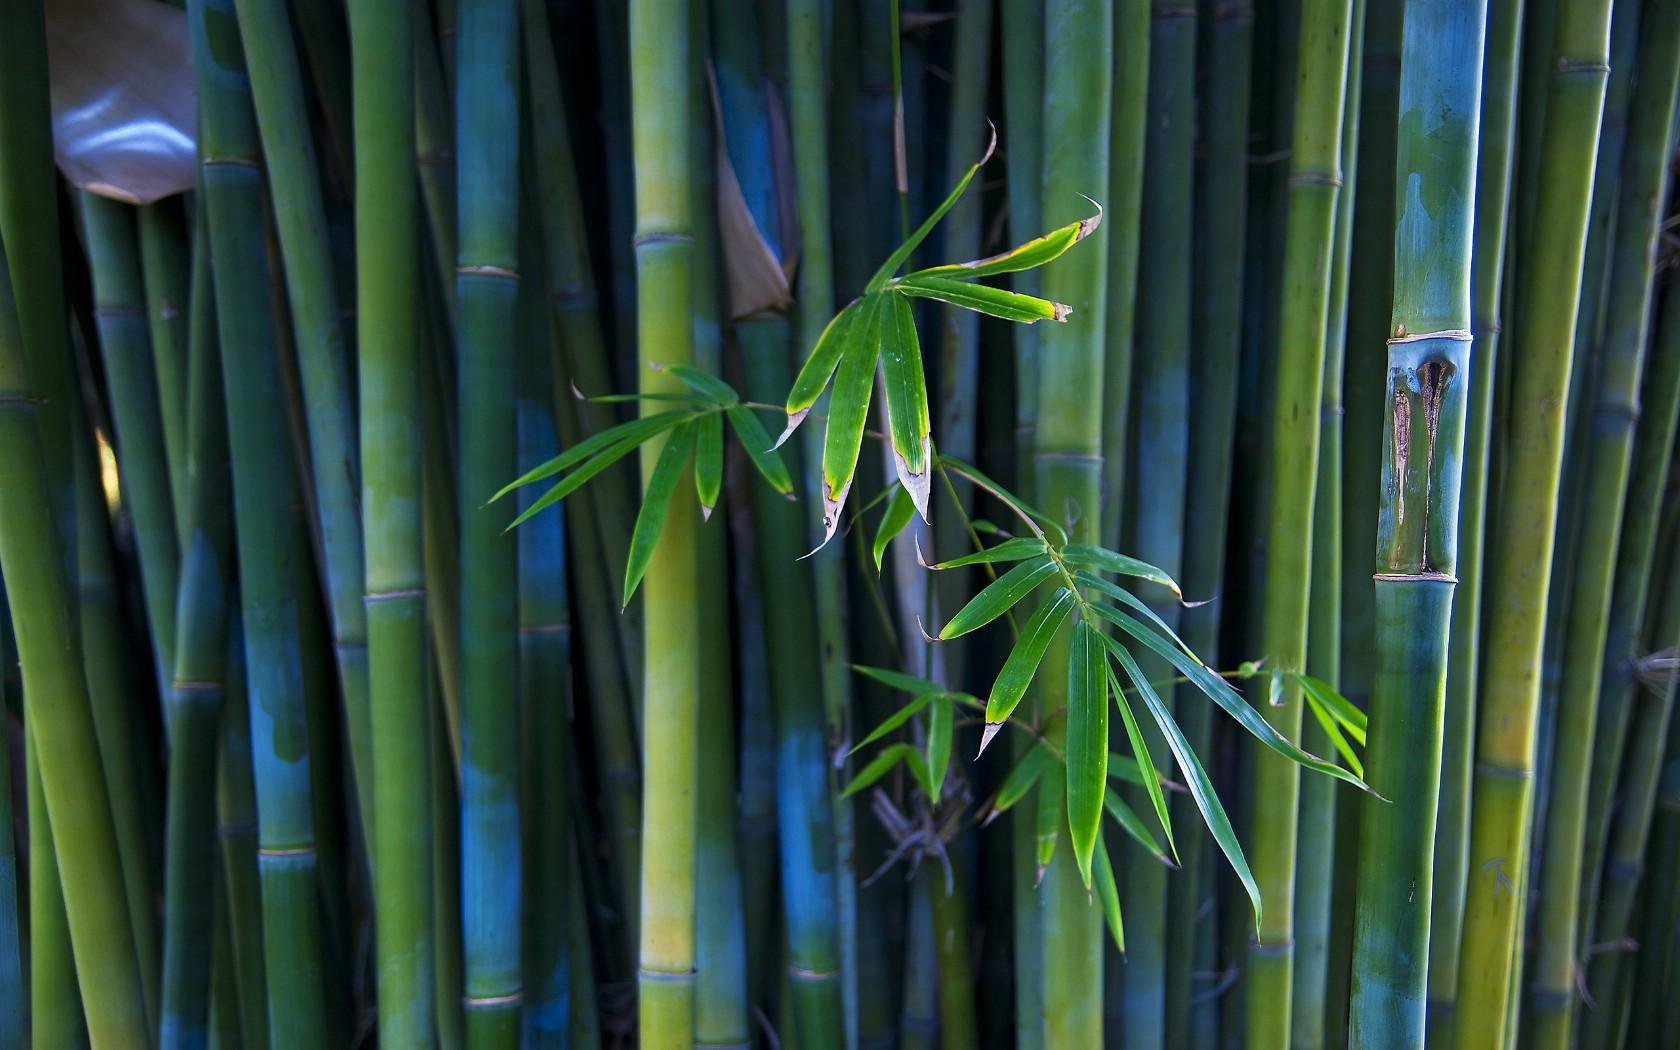 竹子移栽种植需要有机肥吗?